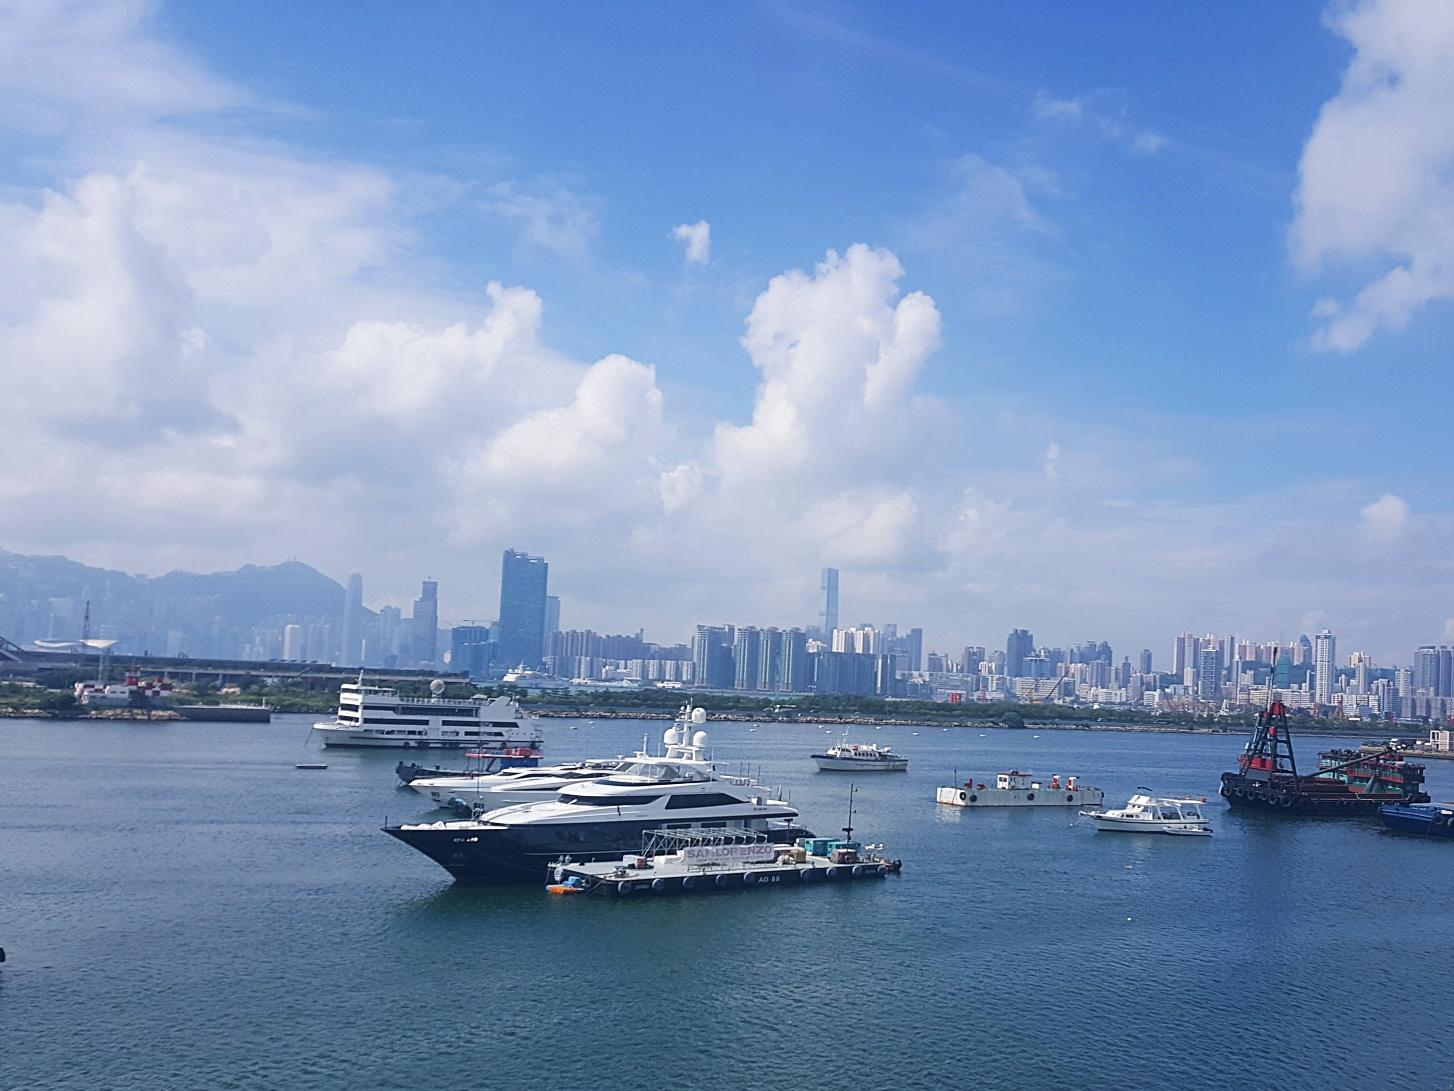 Hong Kong yachts